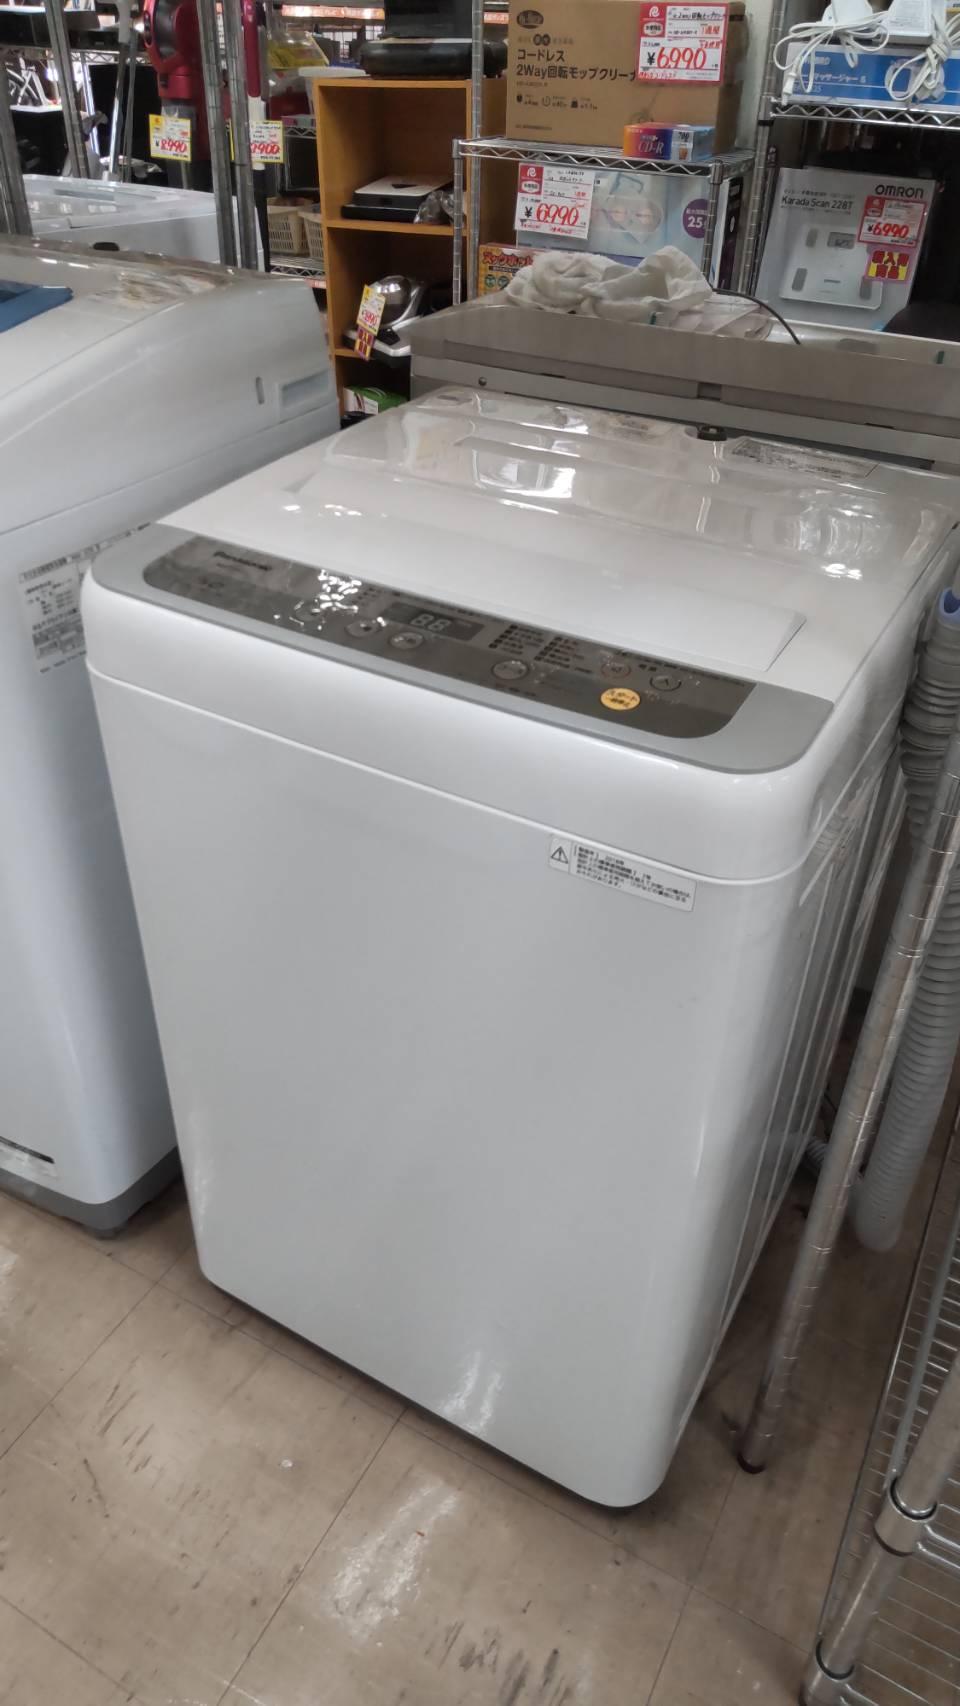 【2018年製 Panasonic パナソニック 5.0kg 洗濯機 NA-F50B11 槽を清潔に保つ「3つの槽洗浄機能」付】を買取させて頂きました!の買取-